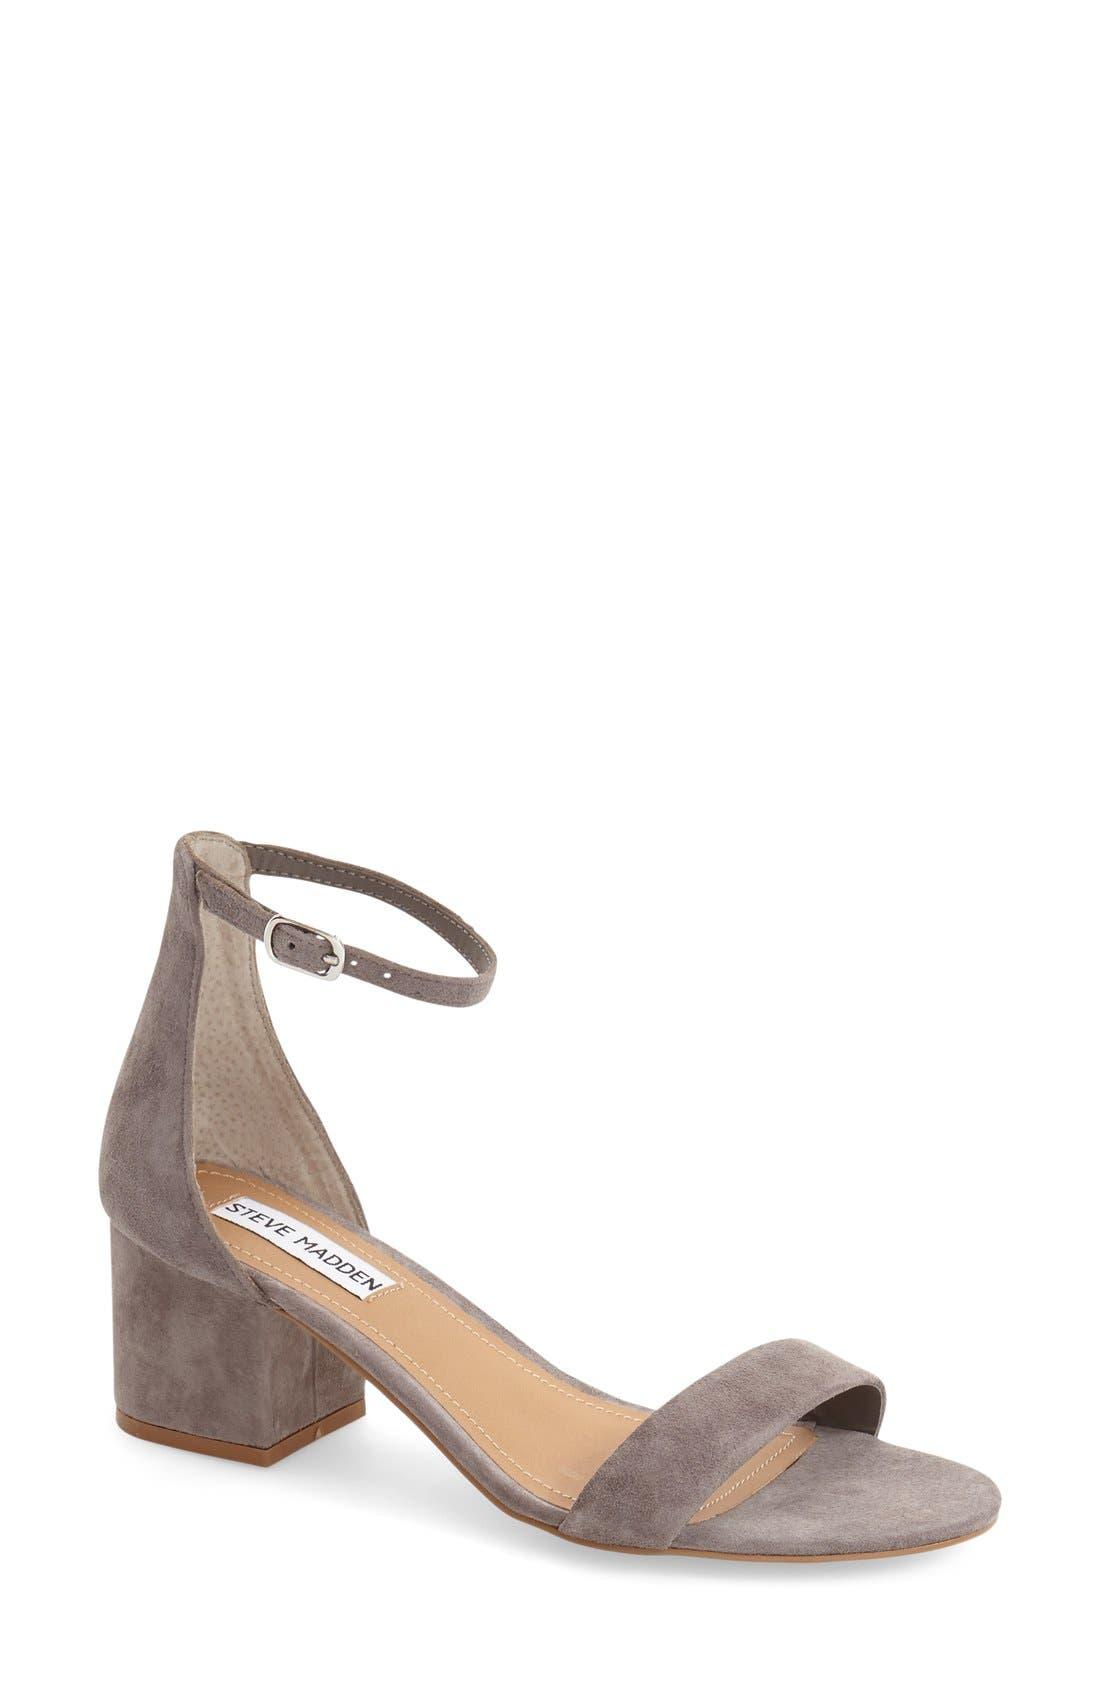 Alternate Image 1 Selected - Steve Madden Irenee Ankle Strap Sandal (Women)